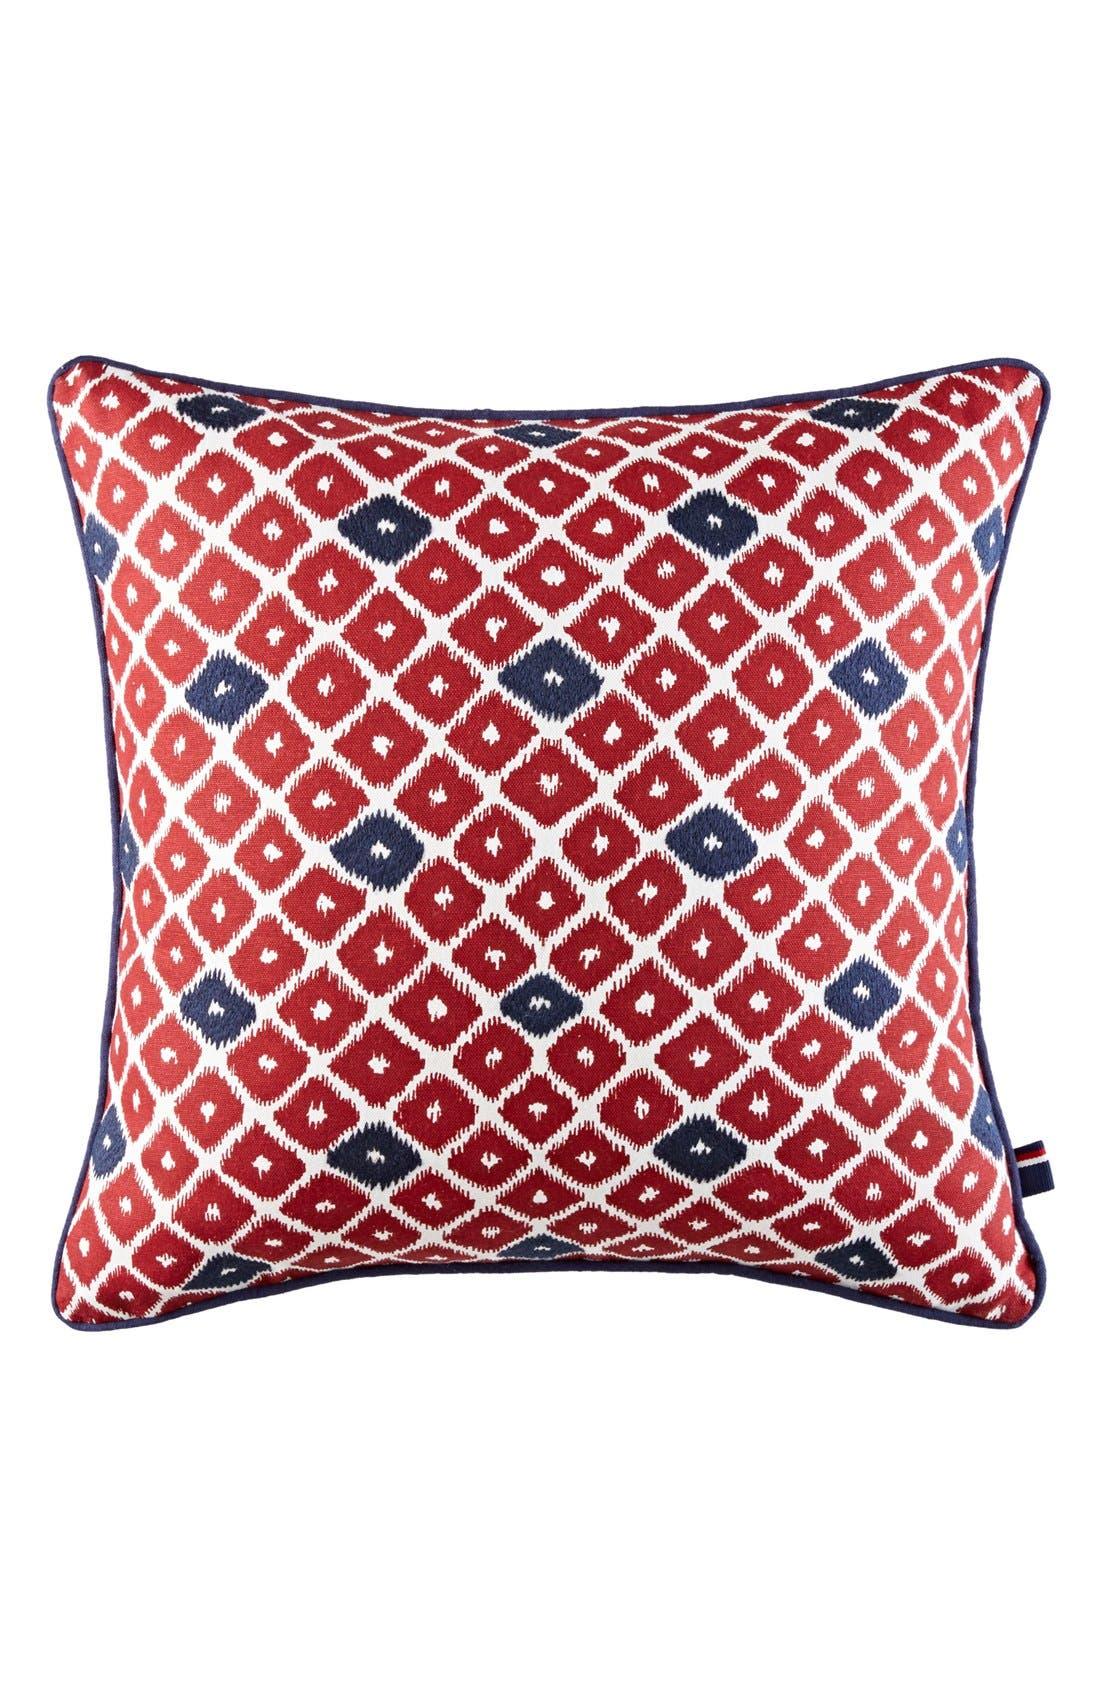 Main Image - Tommy Hilfiger Ellis Diamond Accent Pillow